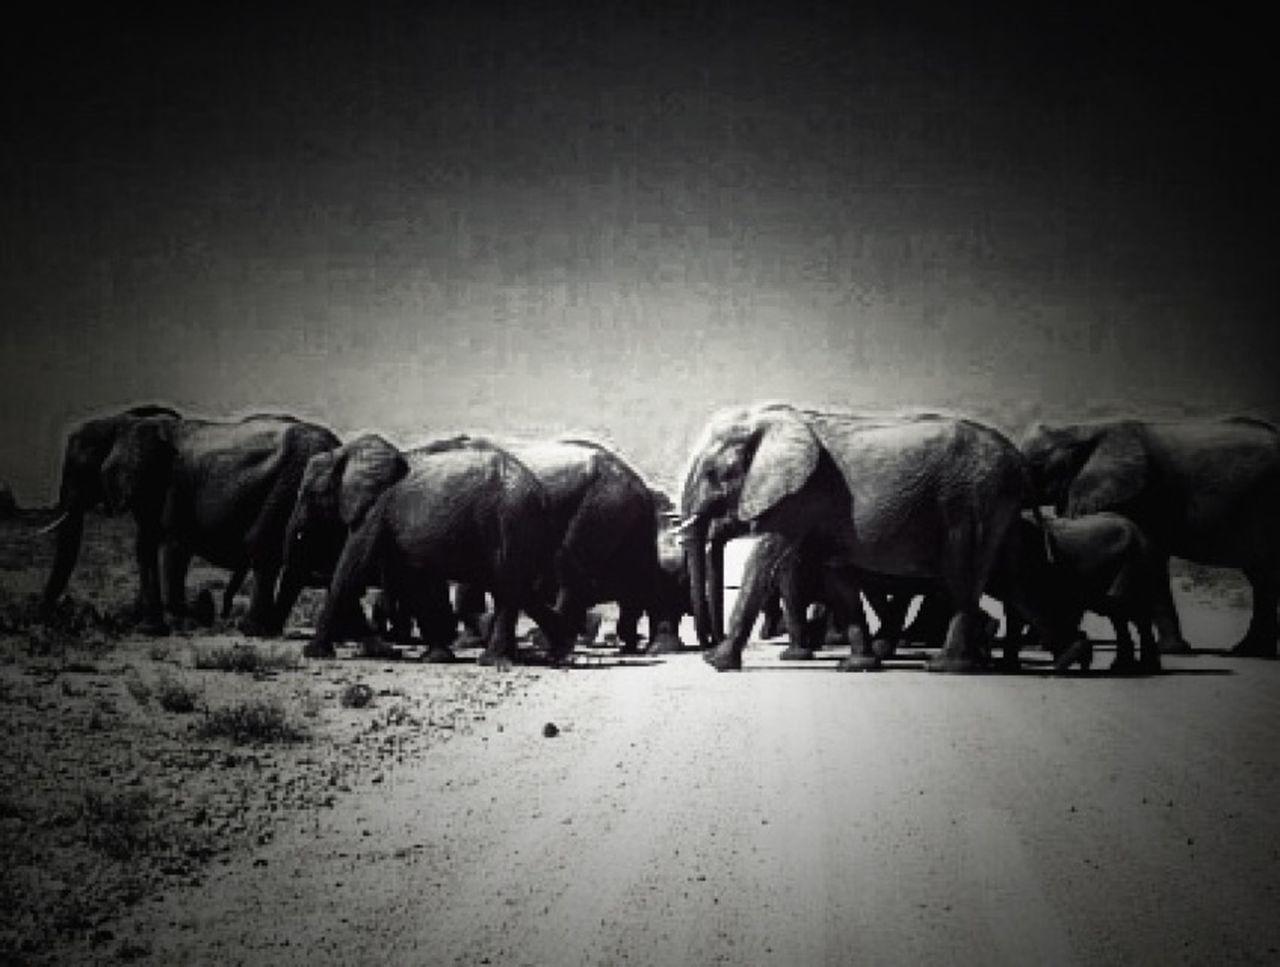 Namibie Etocha Wildlife Elephant Africa Photographer Traveling Travel Voyage Animals Noiretblanc